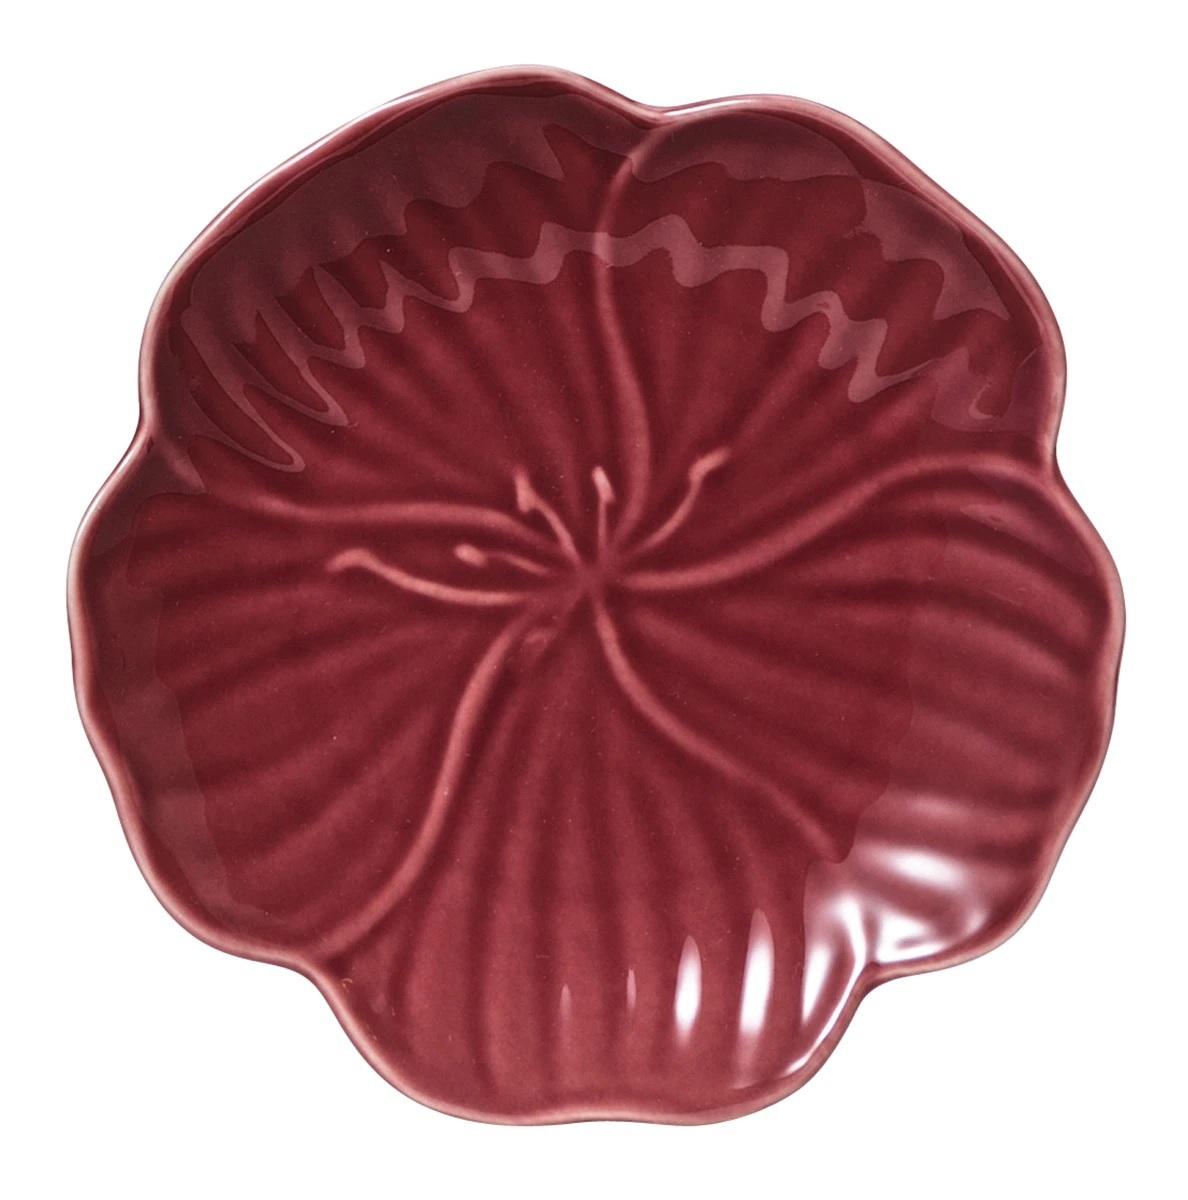 Plato con forma de flor